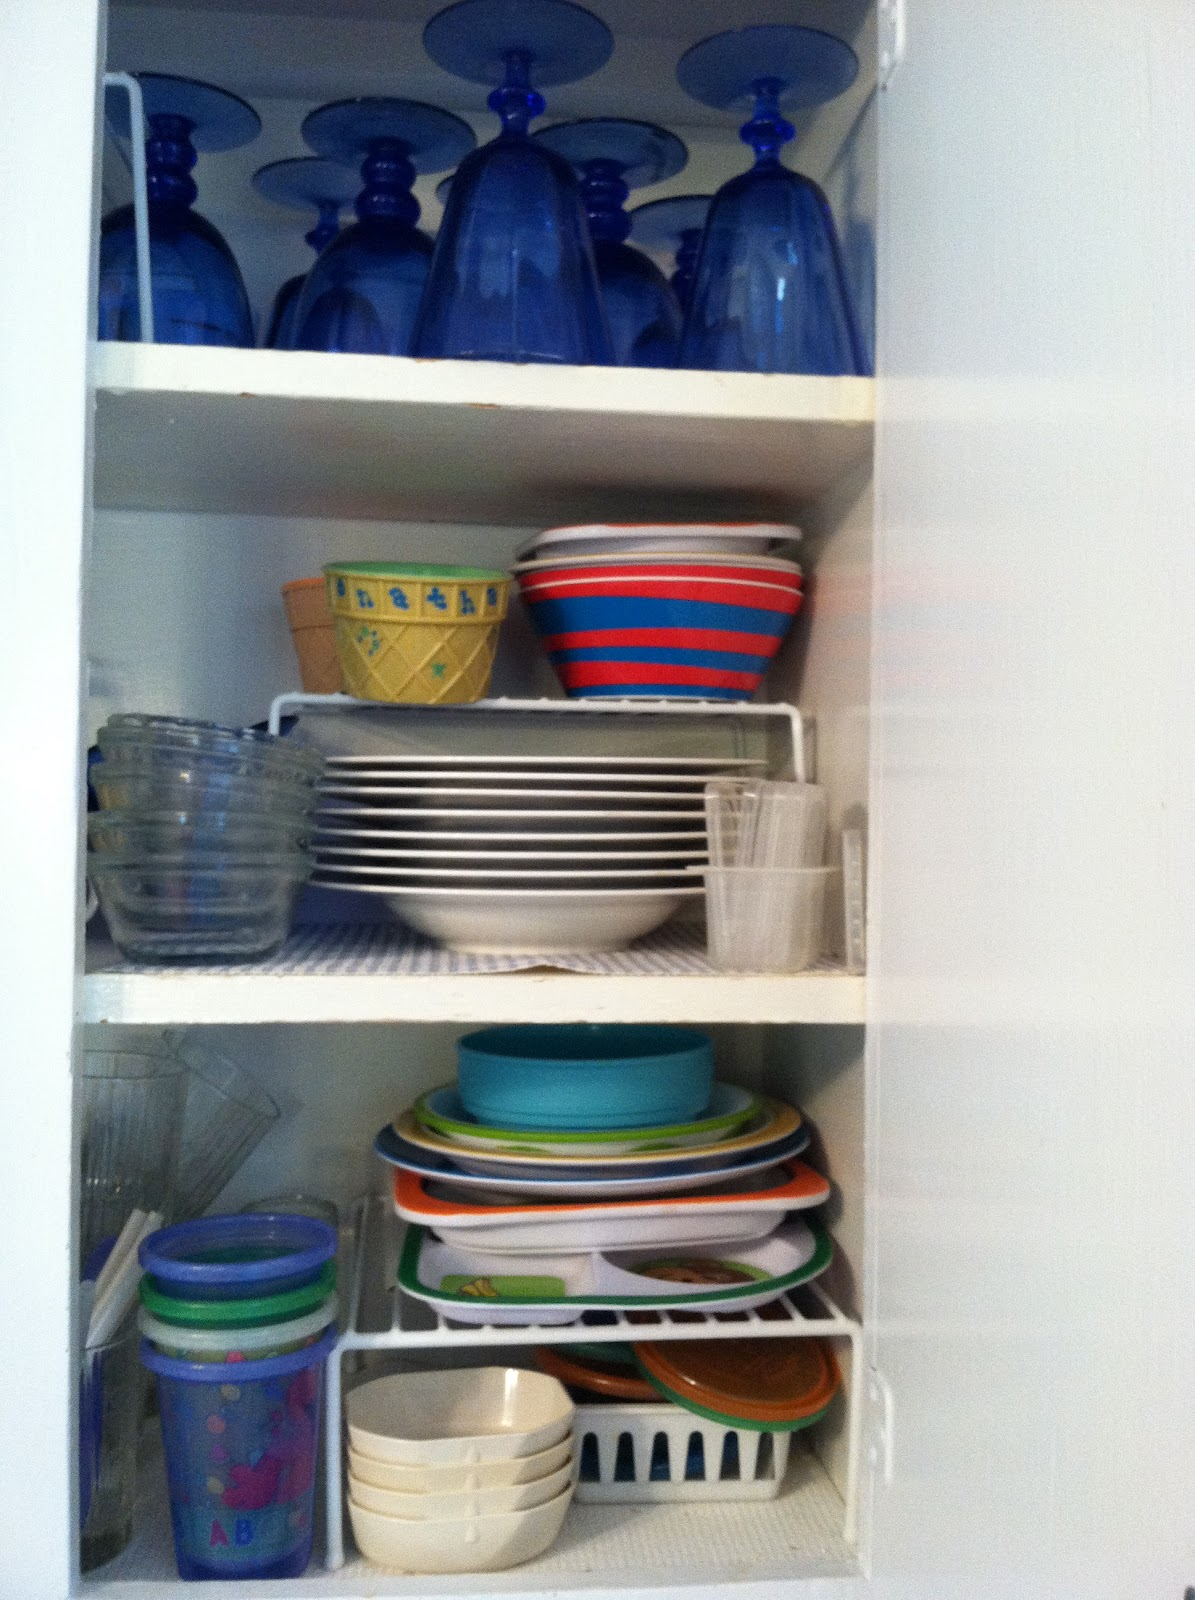 Organized Artistry Top Ten Helper Shelf Hot Spots For